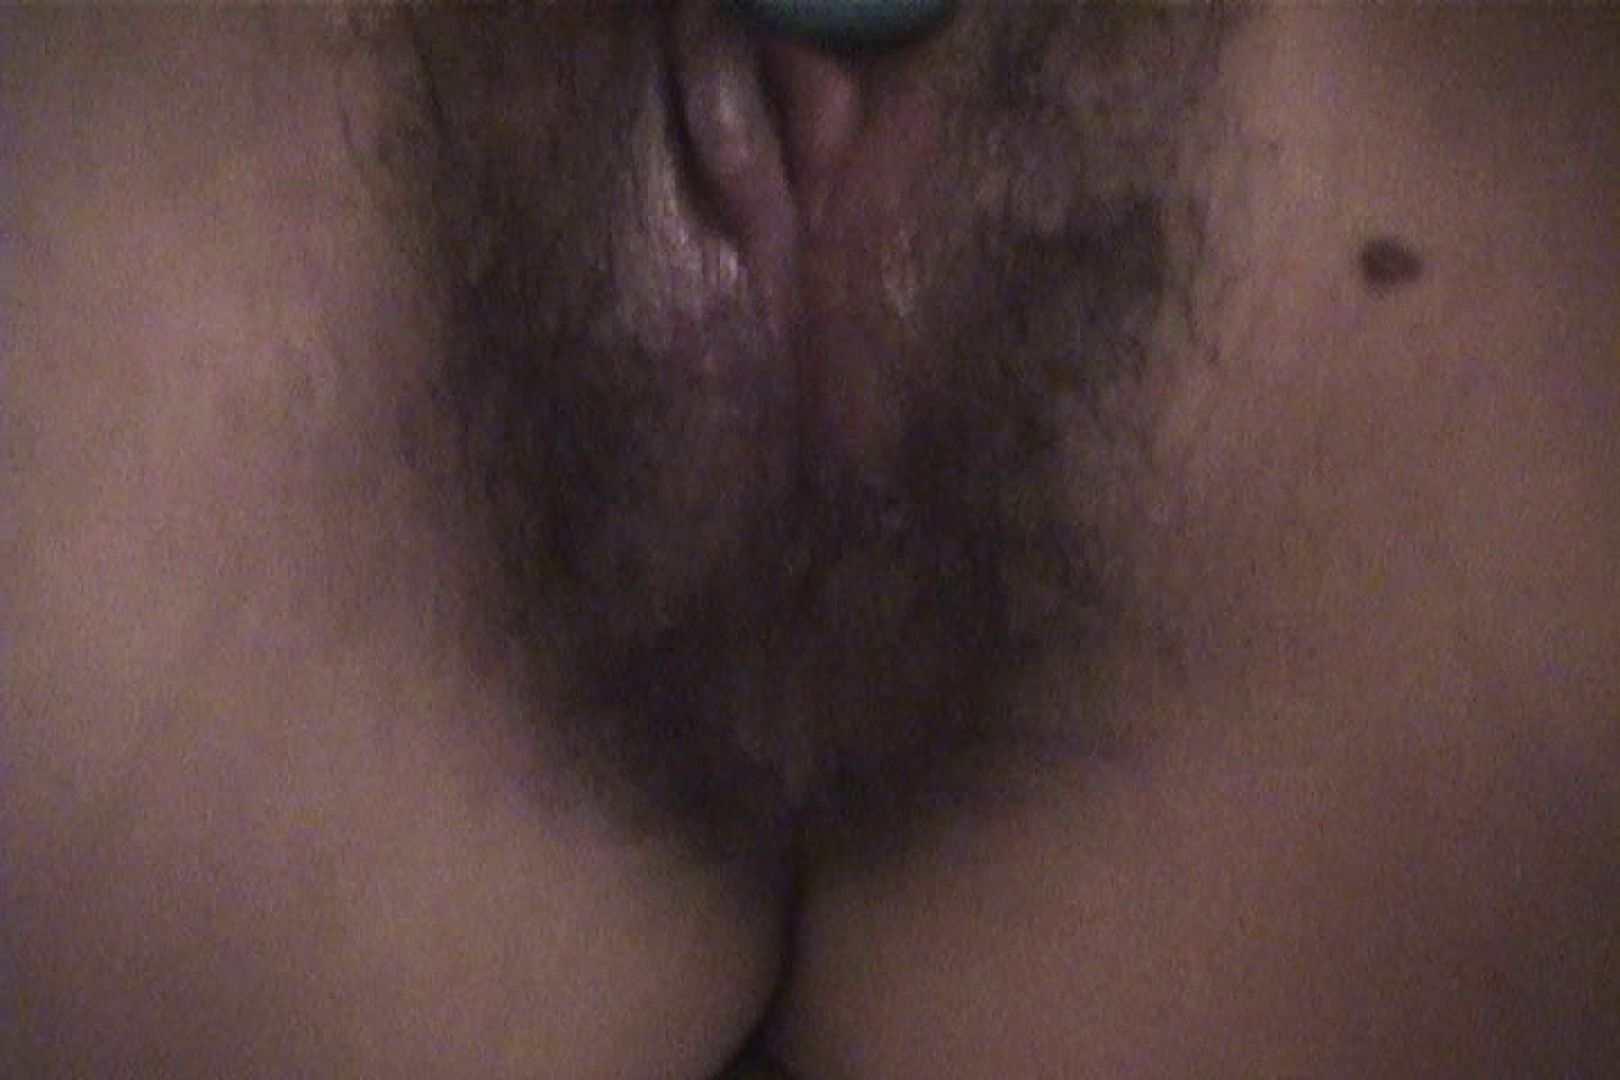 歯科衛生士バージンアラサー30歳まきVol.2 潮吹き | 生セックス  73pic 35